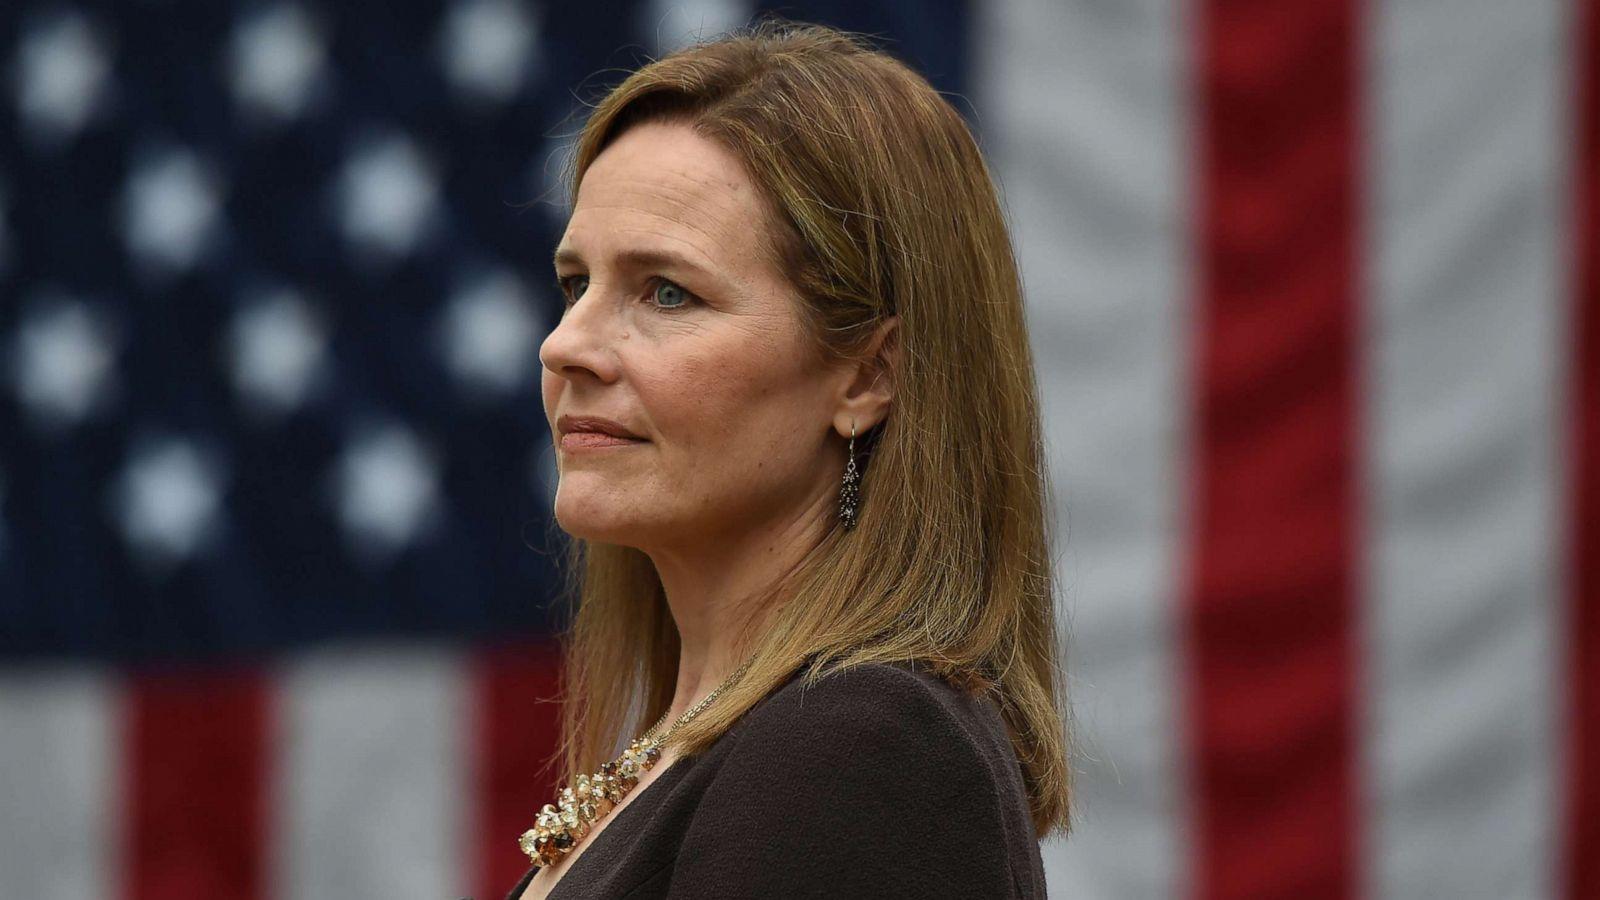 NA KORAK DO POTVRĐIVANJA MANDATA: Pravosudni odbor Senata prihvatio nominaciju Amy Coney Barrett za sutkinju Vrhovnog suda!